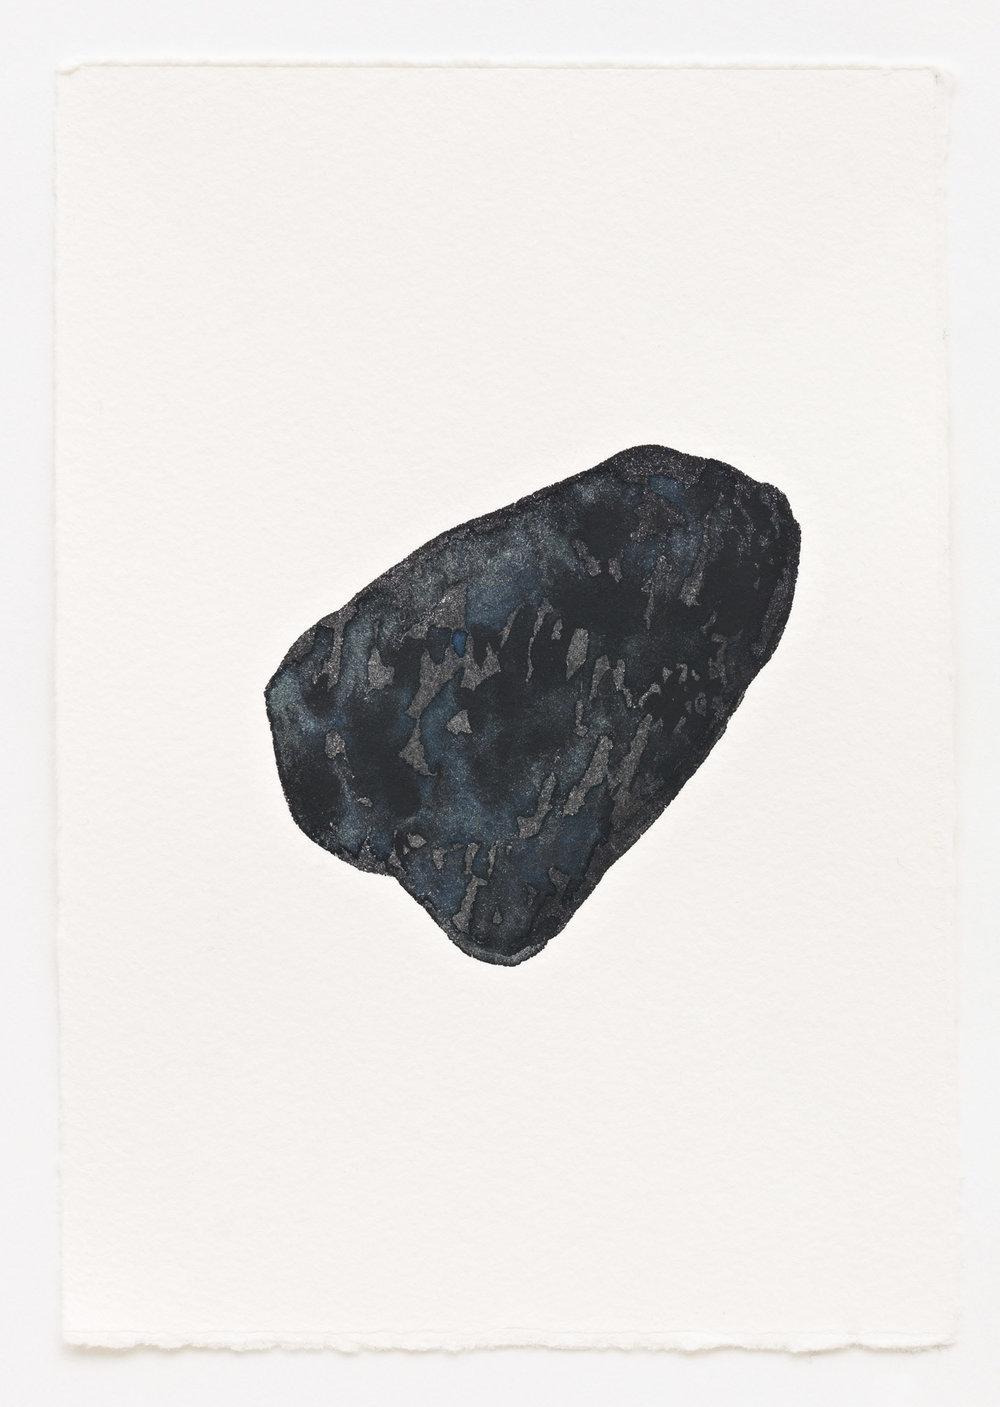 CG-Rock-25.jpg